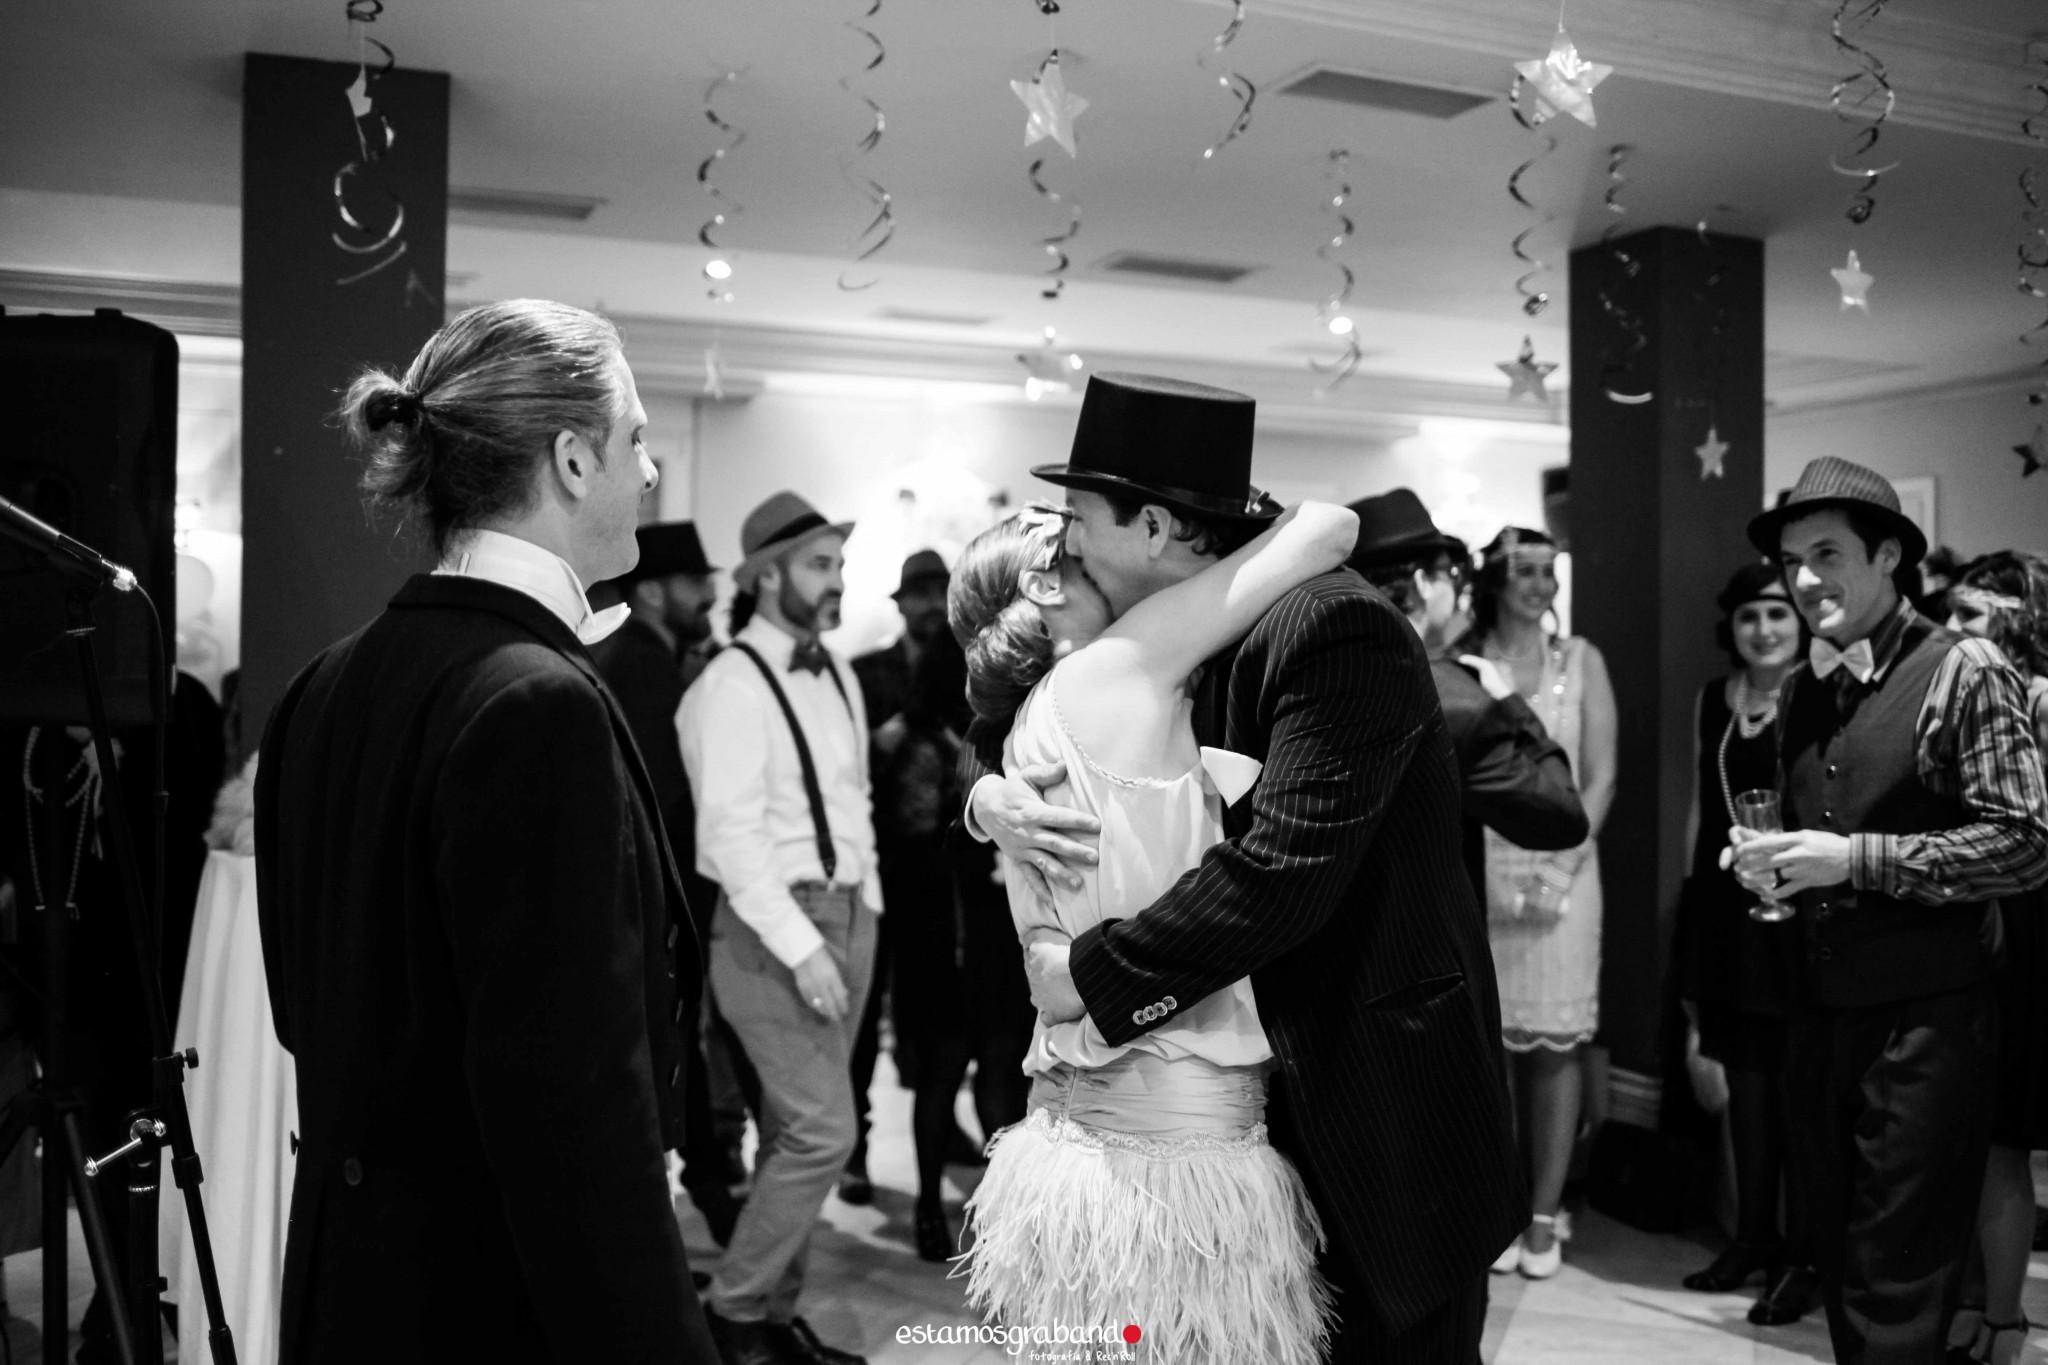 Fali-Bea-61-de-78 Fiesta Años 20 [La Teta de Julieta, Cádiz] - video boda cadiz